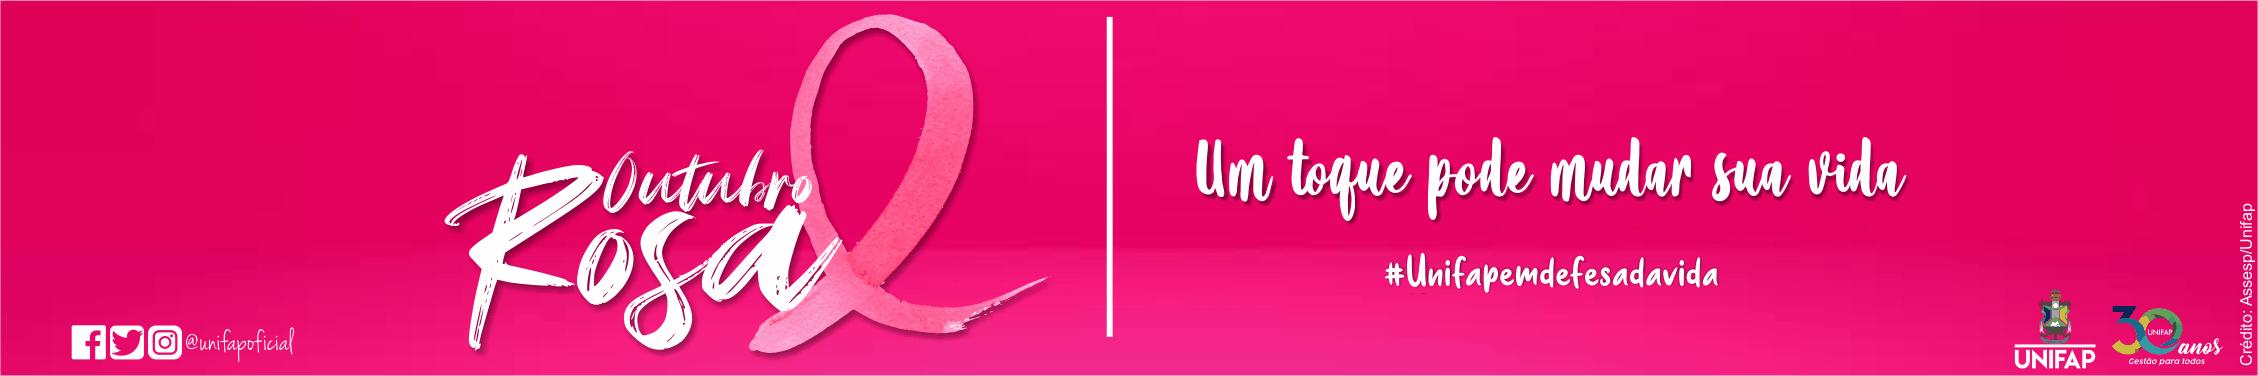 Outubro Rosa – cuidando da saúde das mulheres